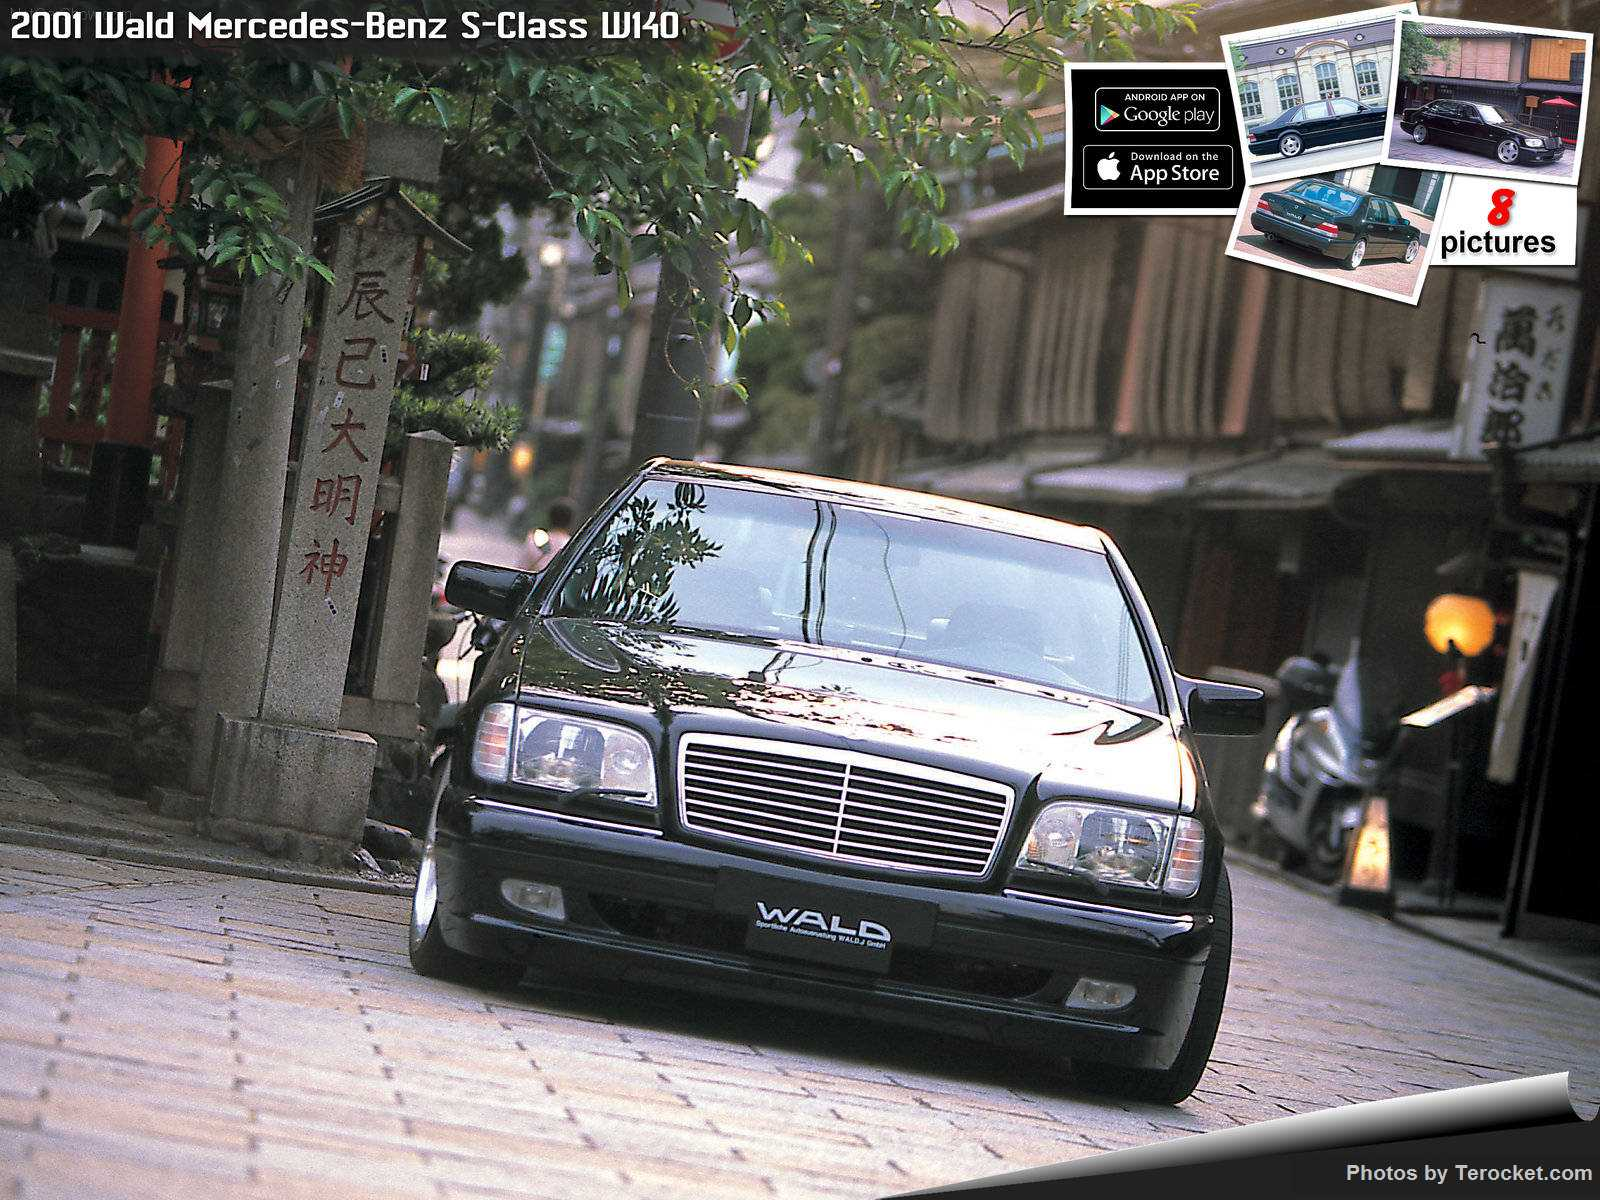 Hình ảnh xe độ Wald Mercedes-Benz S-Class W140 2001 & nội ngoại thất